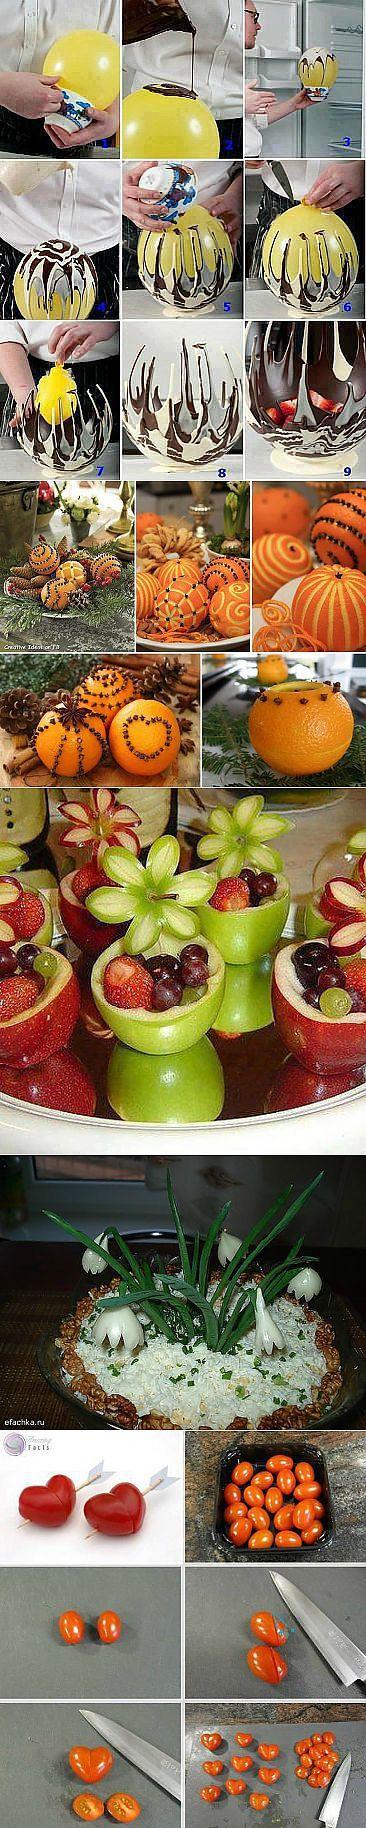 Креатив на кухне: интересные идеи для оформления блюд, салатов и бутербродов   Домохозяйка   Карвинг   Постила